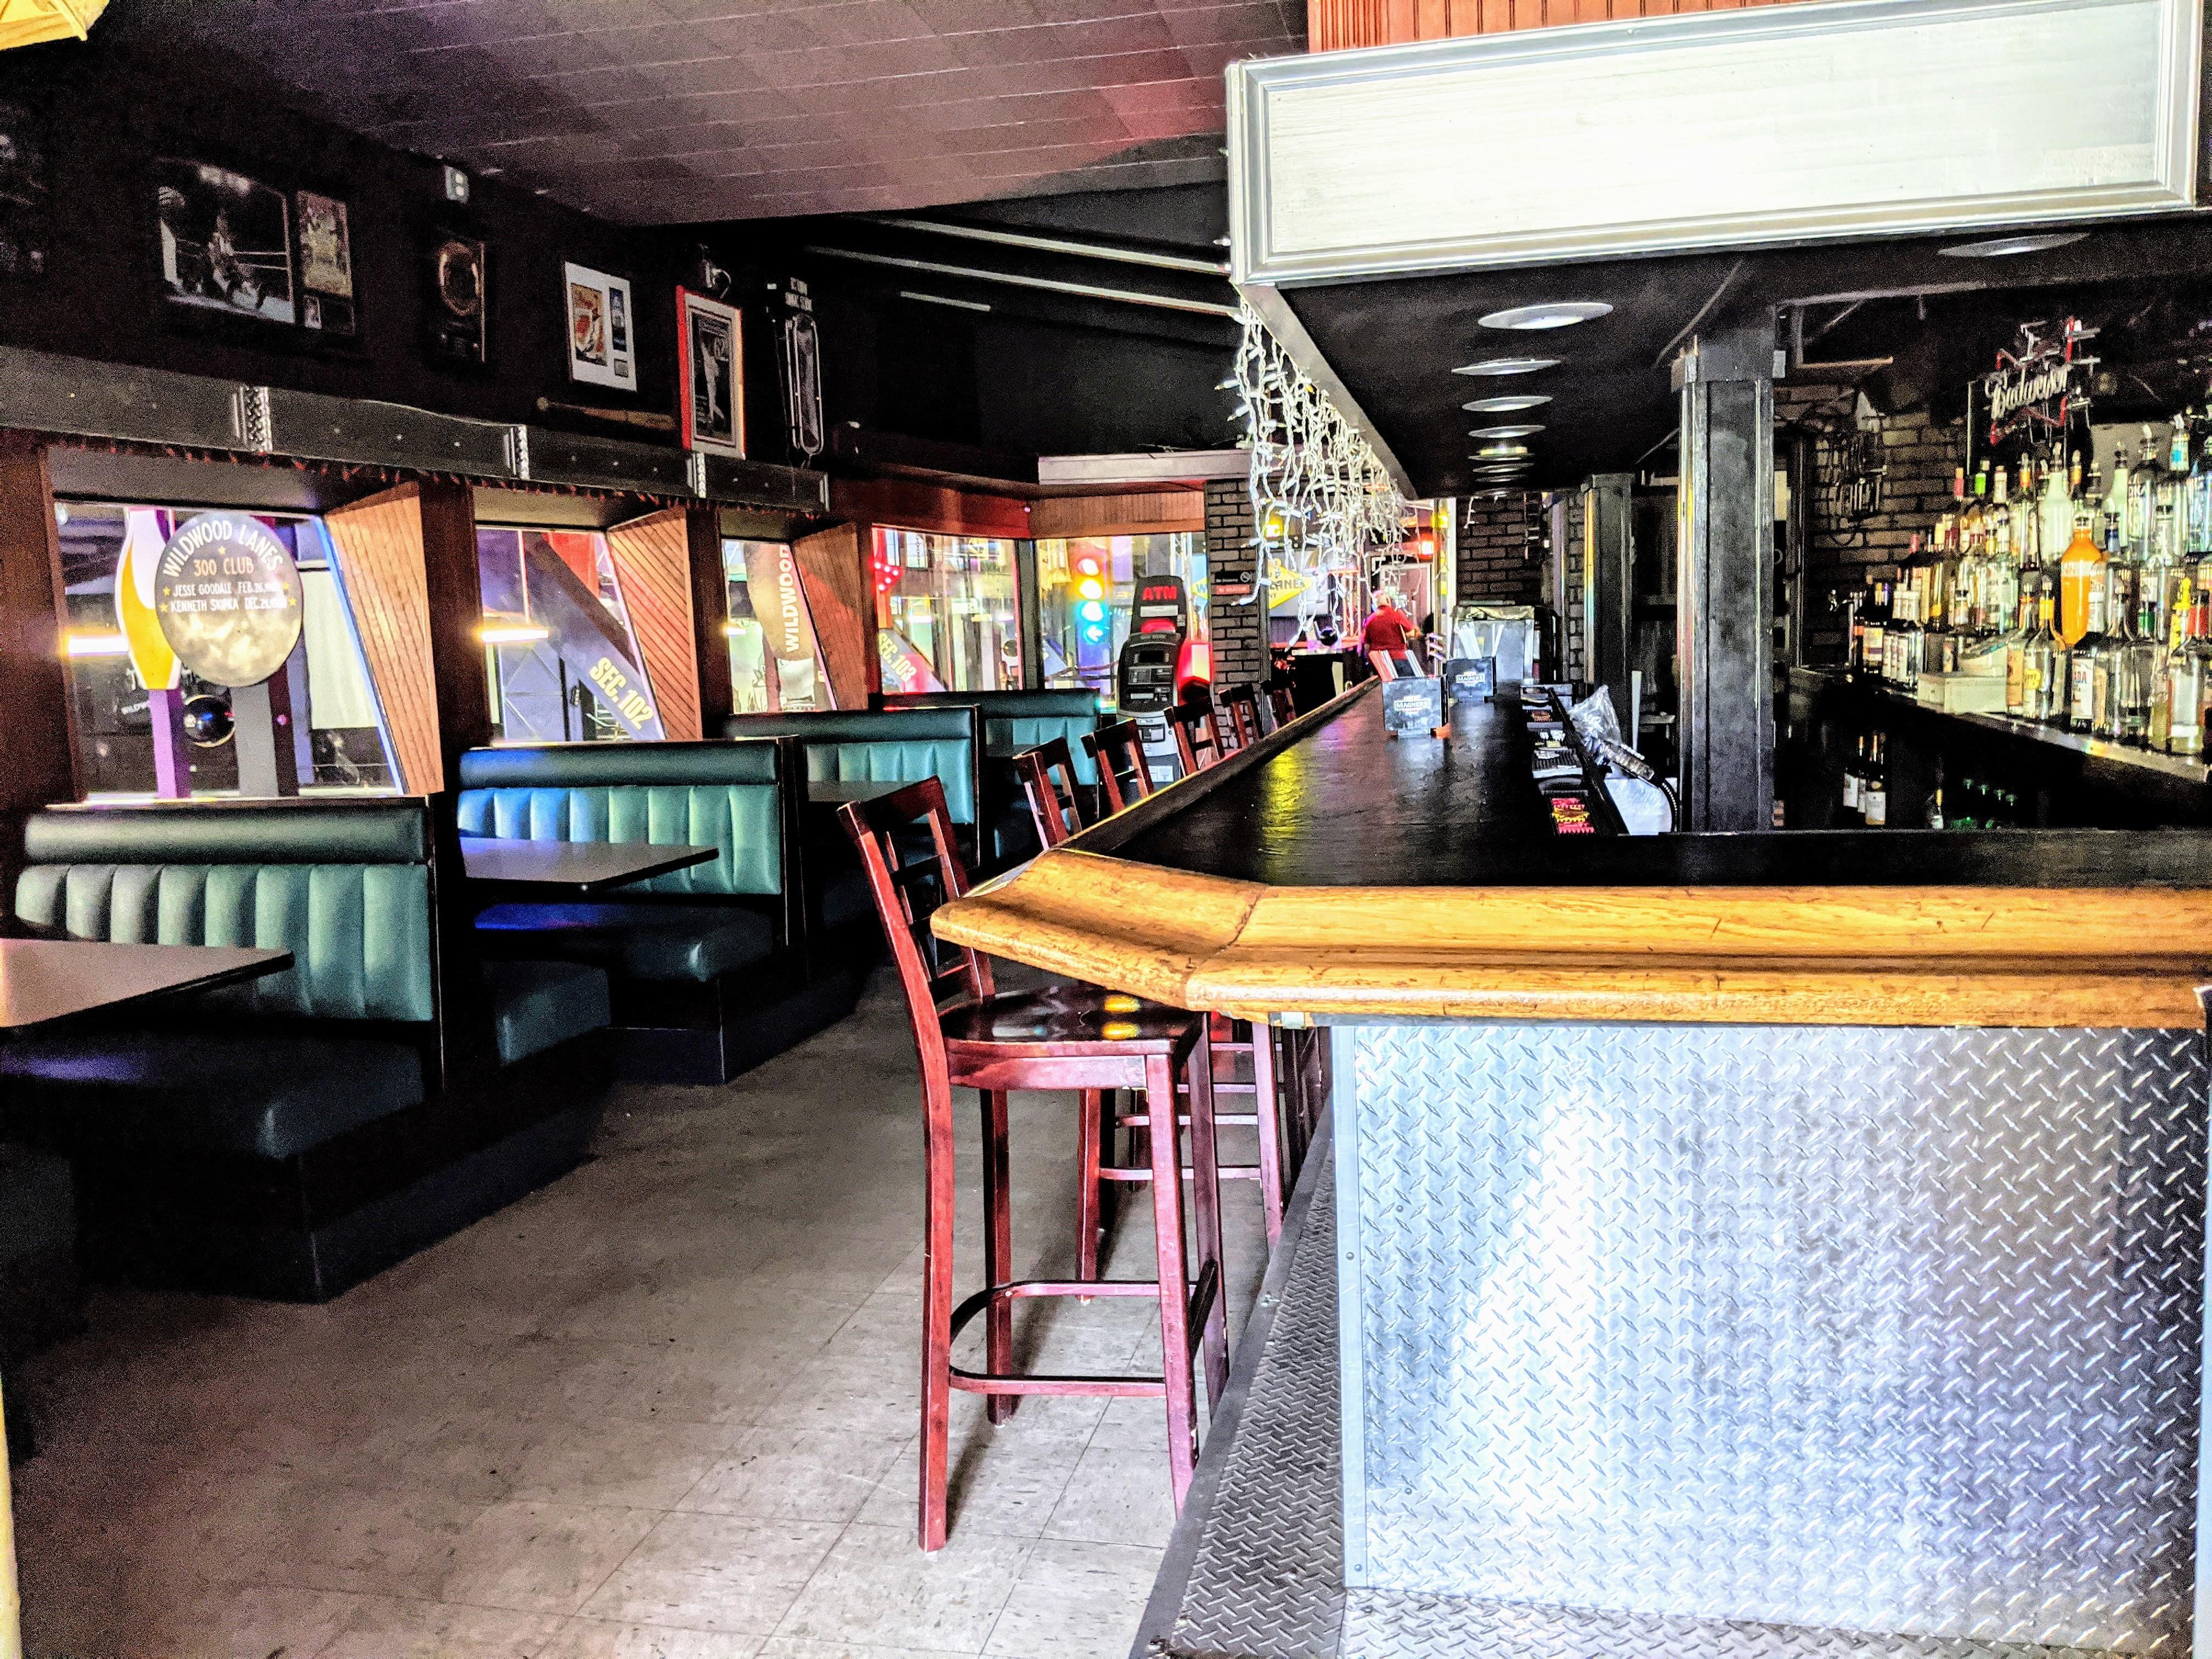 Bar-&-Seating-